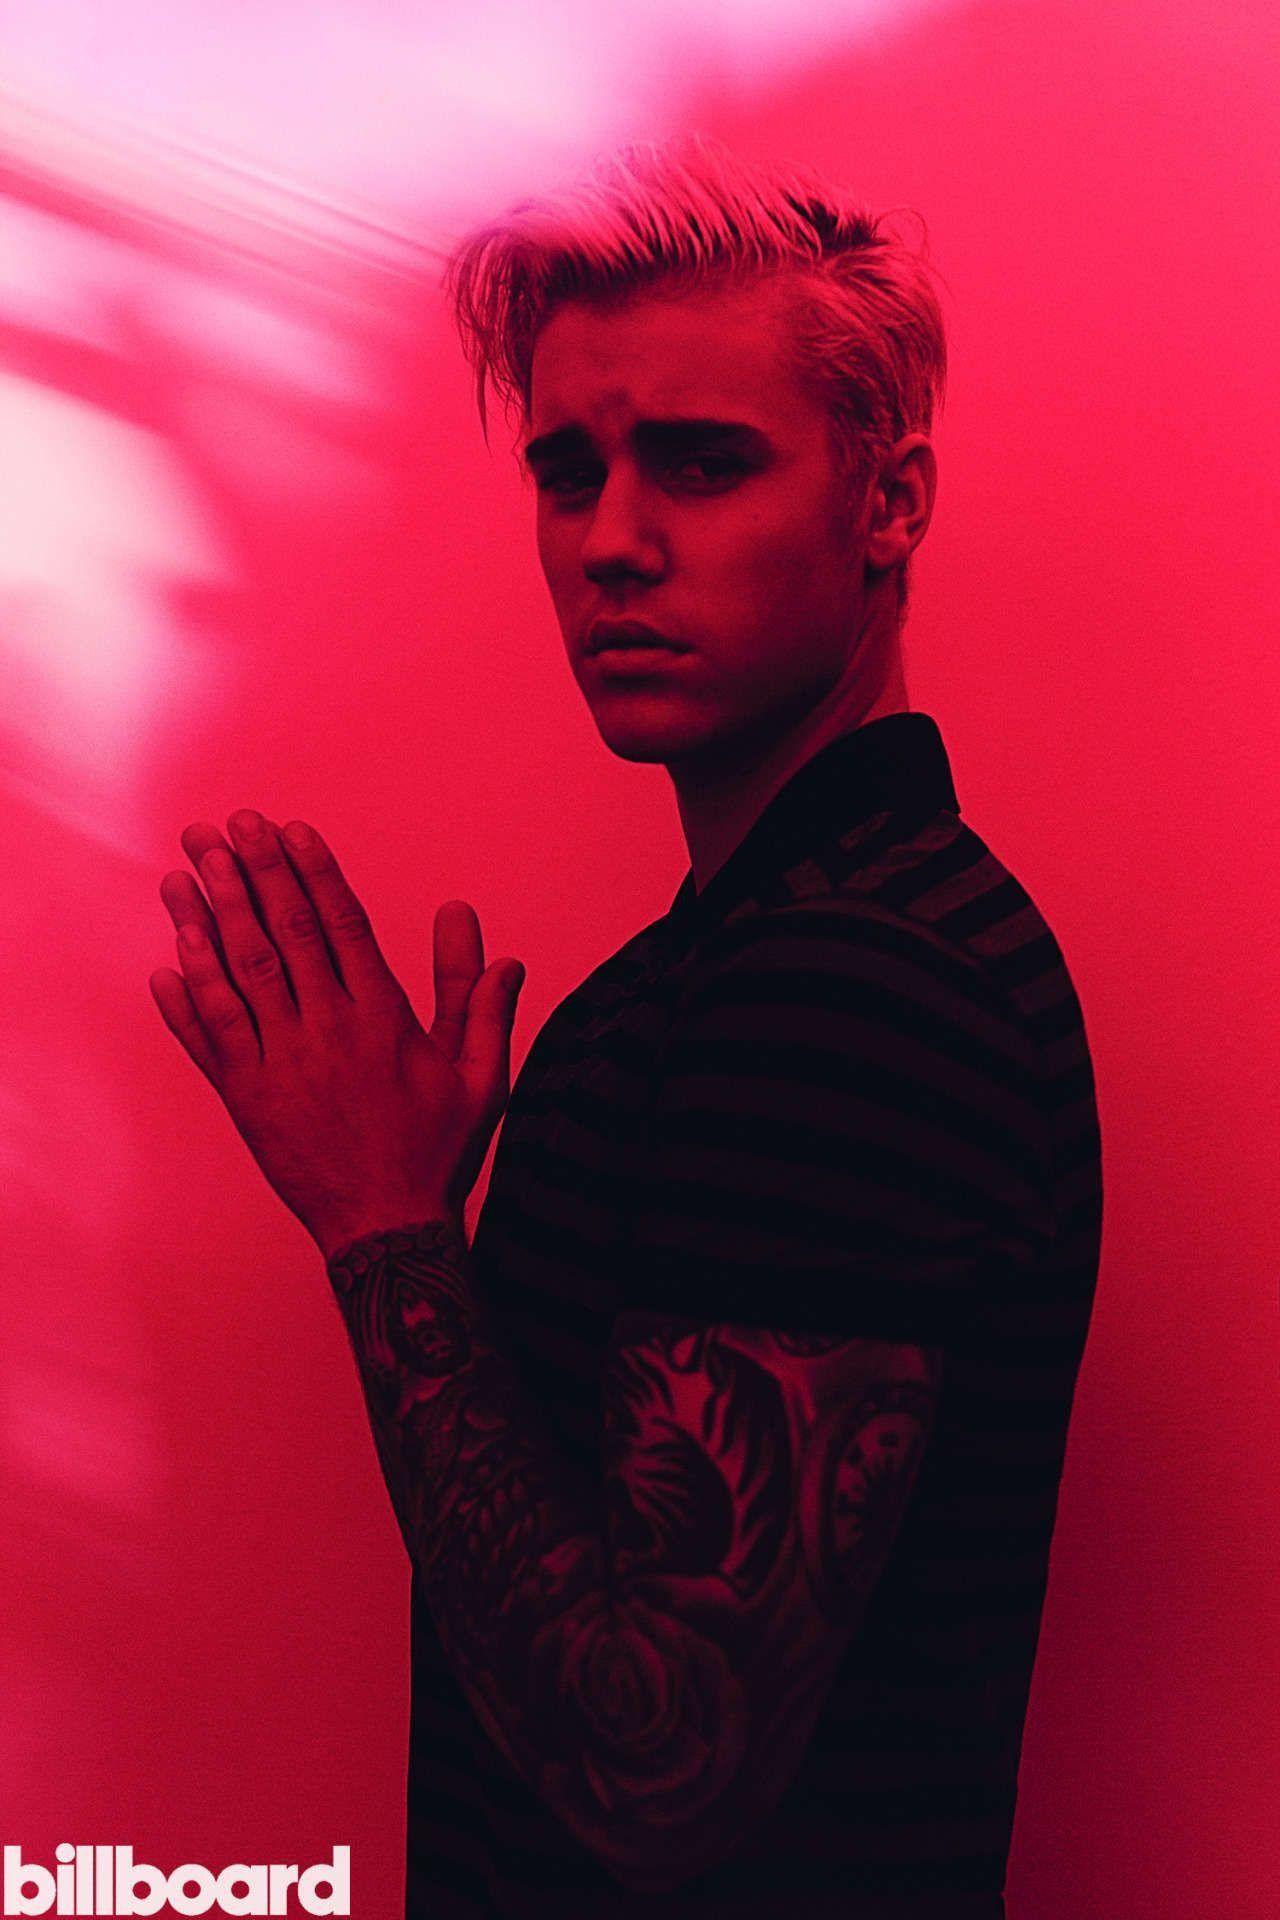 Justin Bieber Justin Bieber Fotos Justin Bieber Fotos De Justin